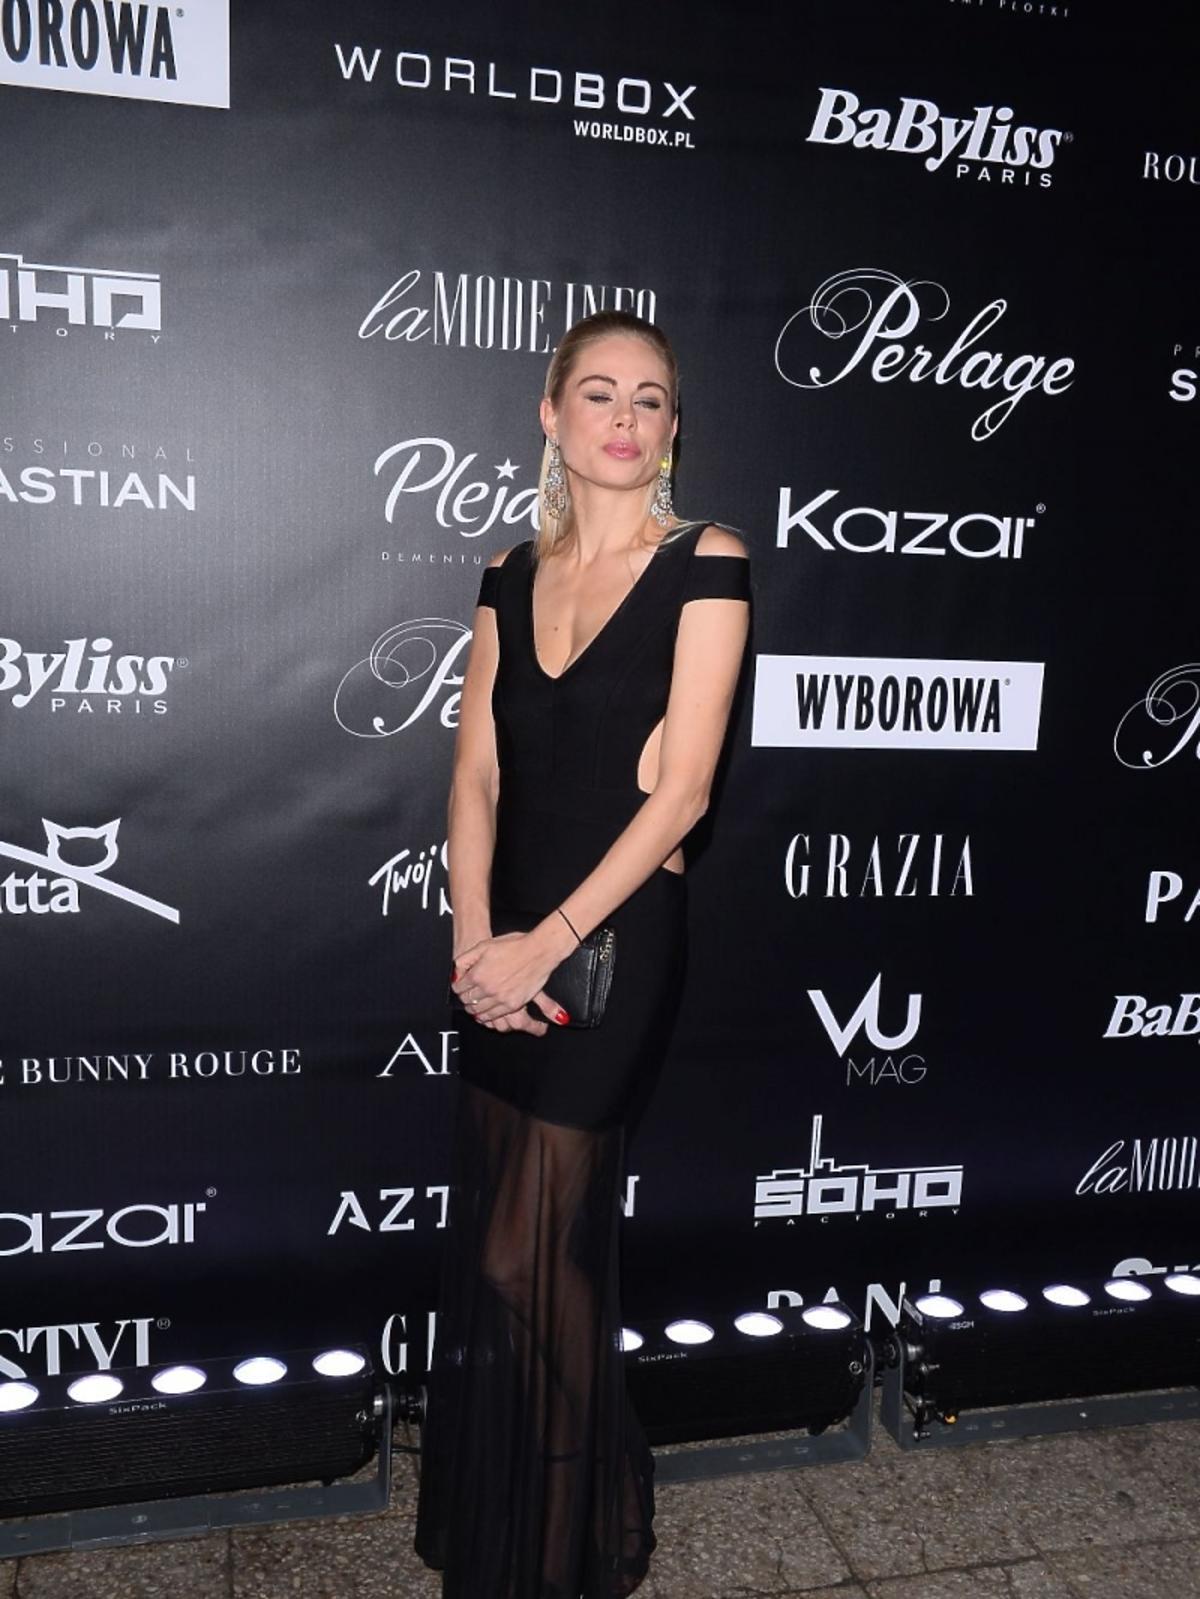 Magda Modra w czarnej sukience na pokazie mody